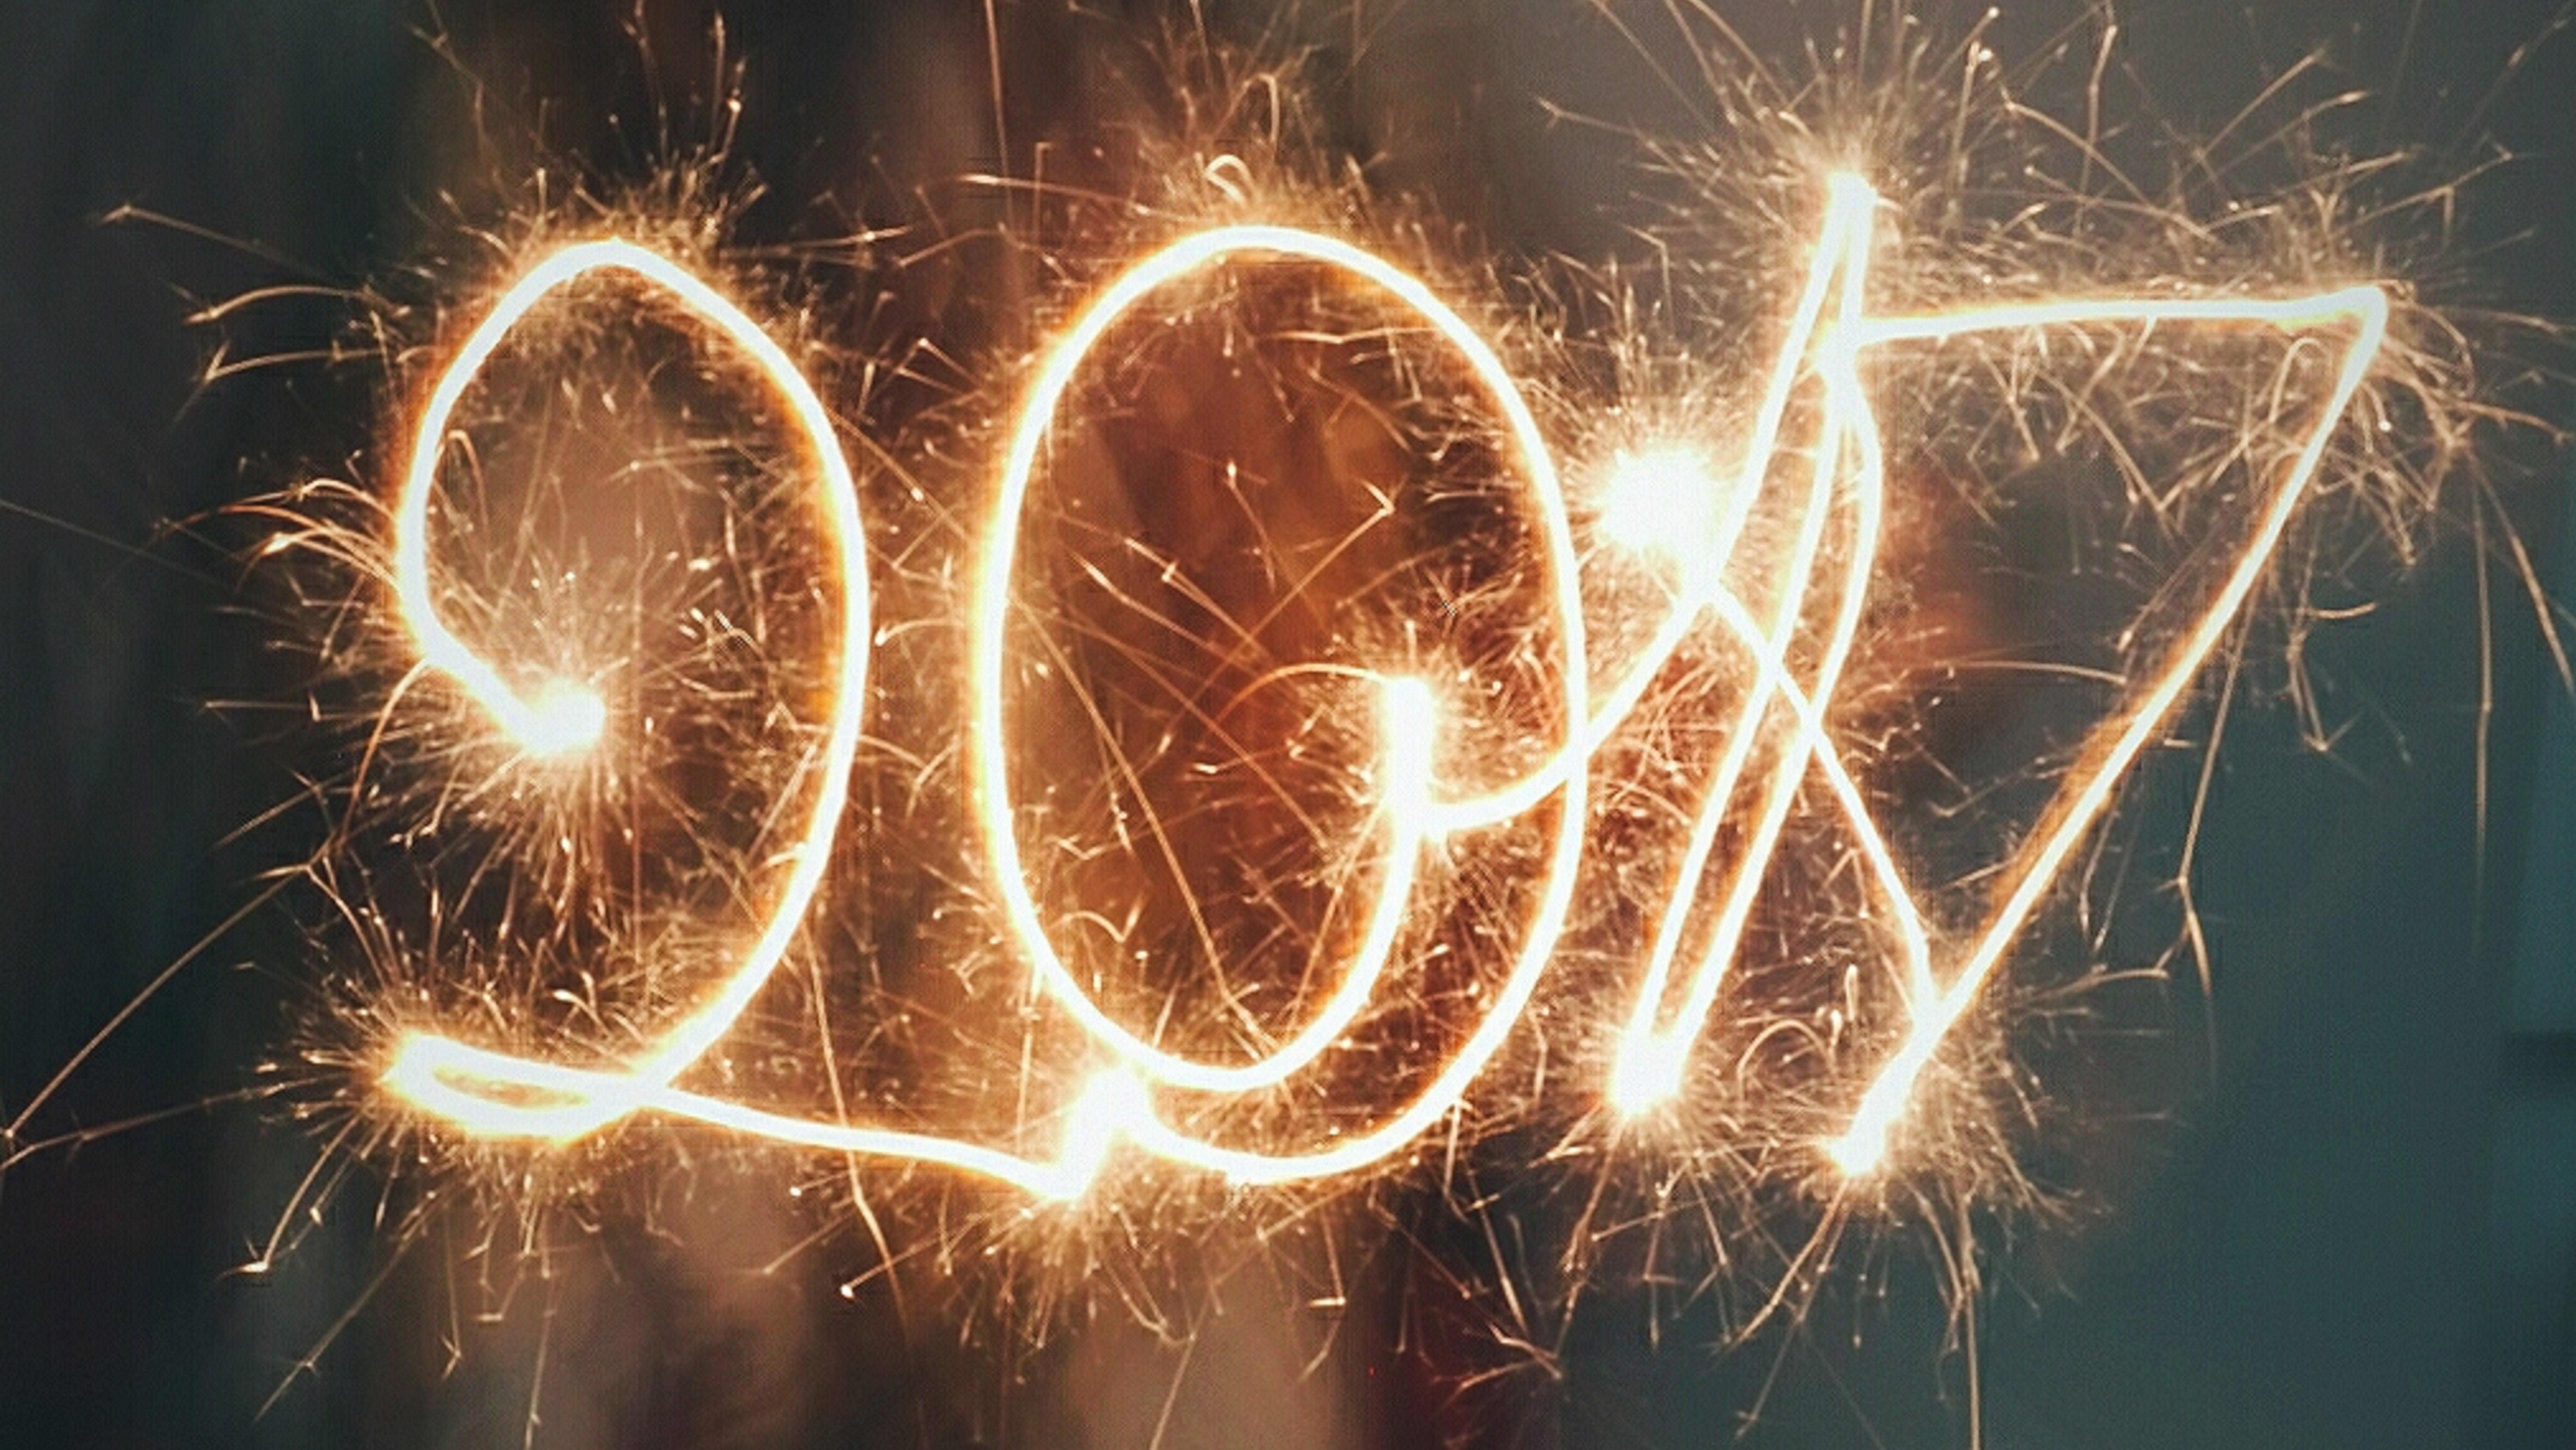 2017 is written in sparklers